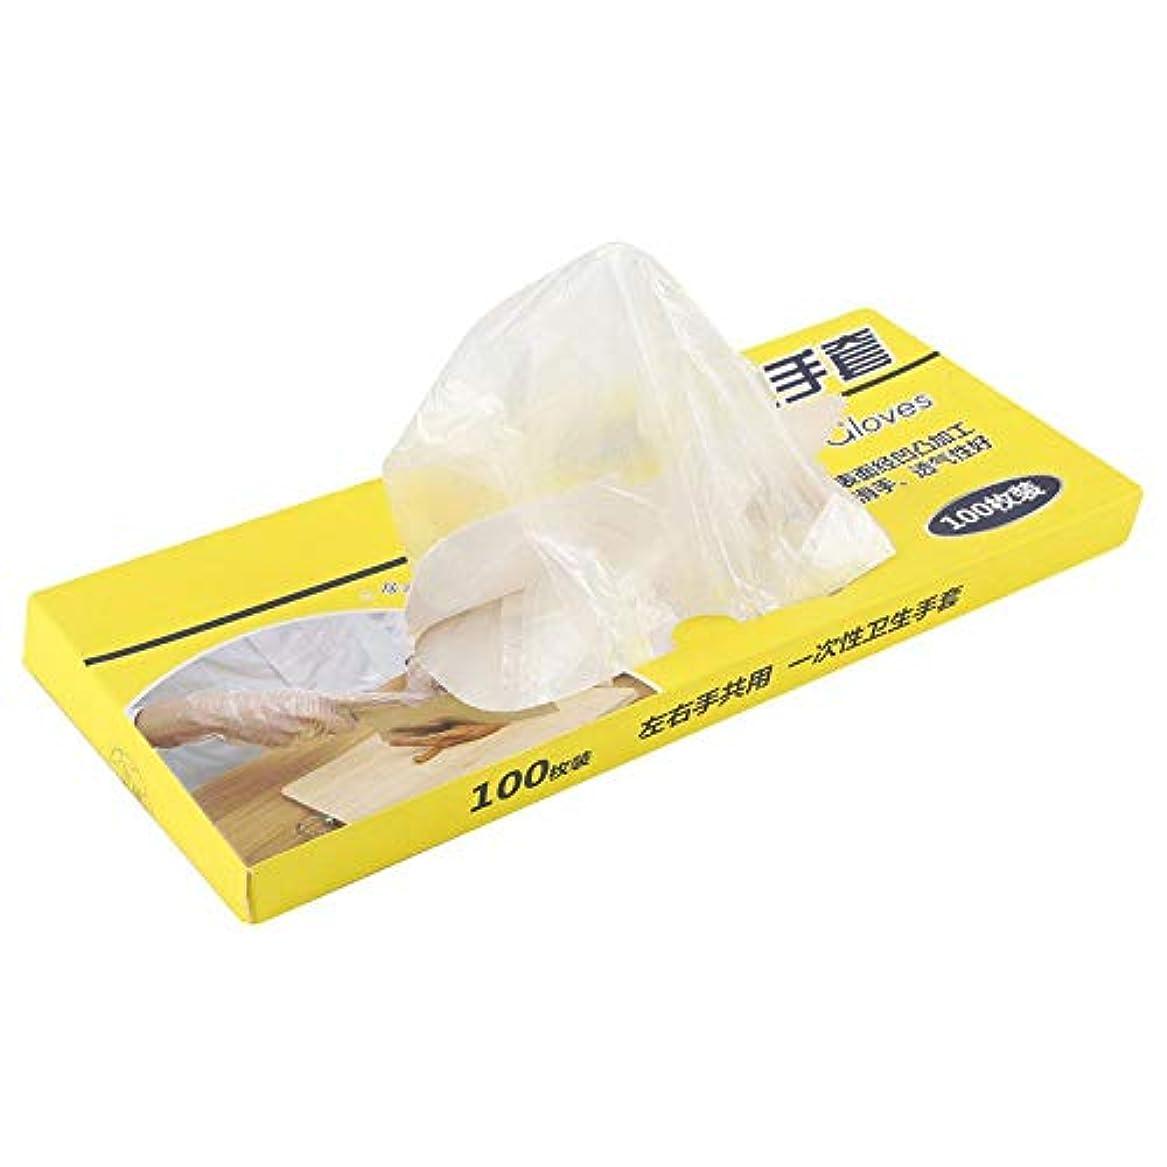 目指す慢性的関係ないYosoo 100pcs 使い捨てポリ手袋 使い捨て手袋 極薄手袋 調理 お掃除 使い捨て手袋 極薄ビニール手袋 透明 実用 衛生